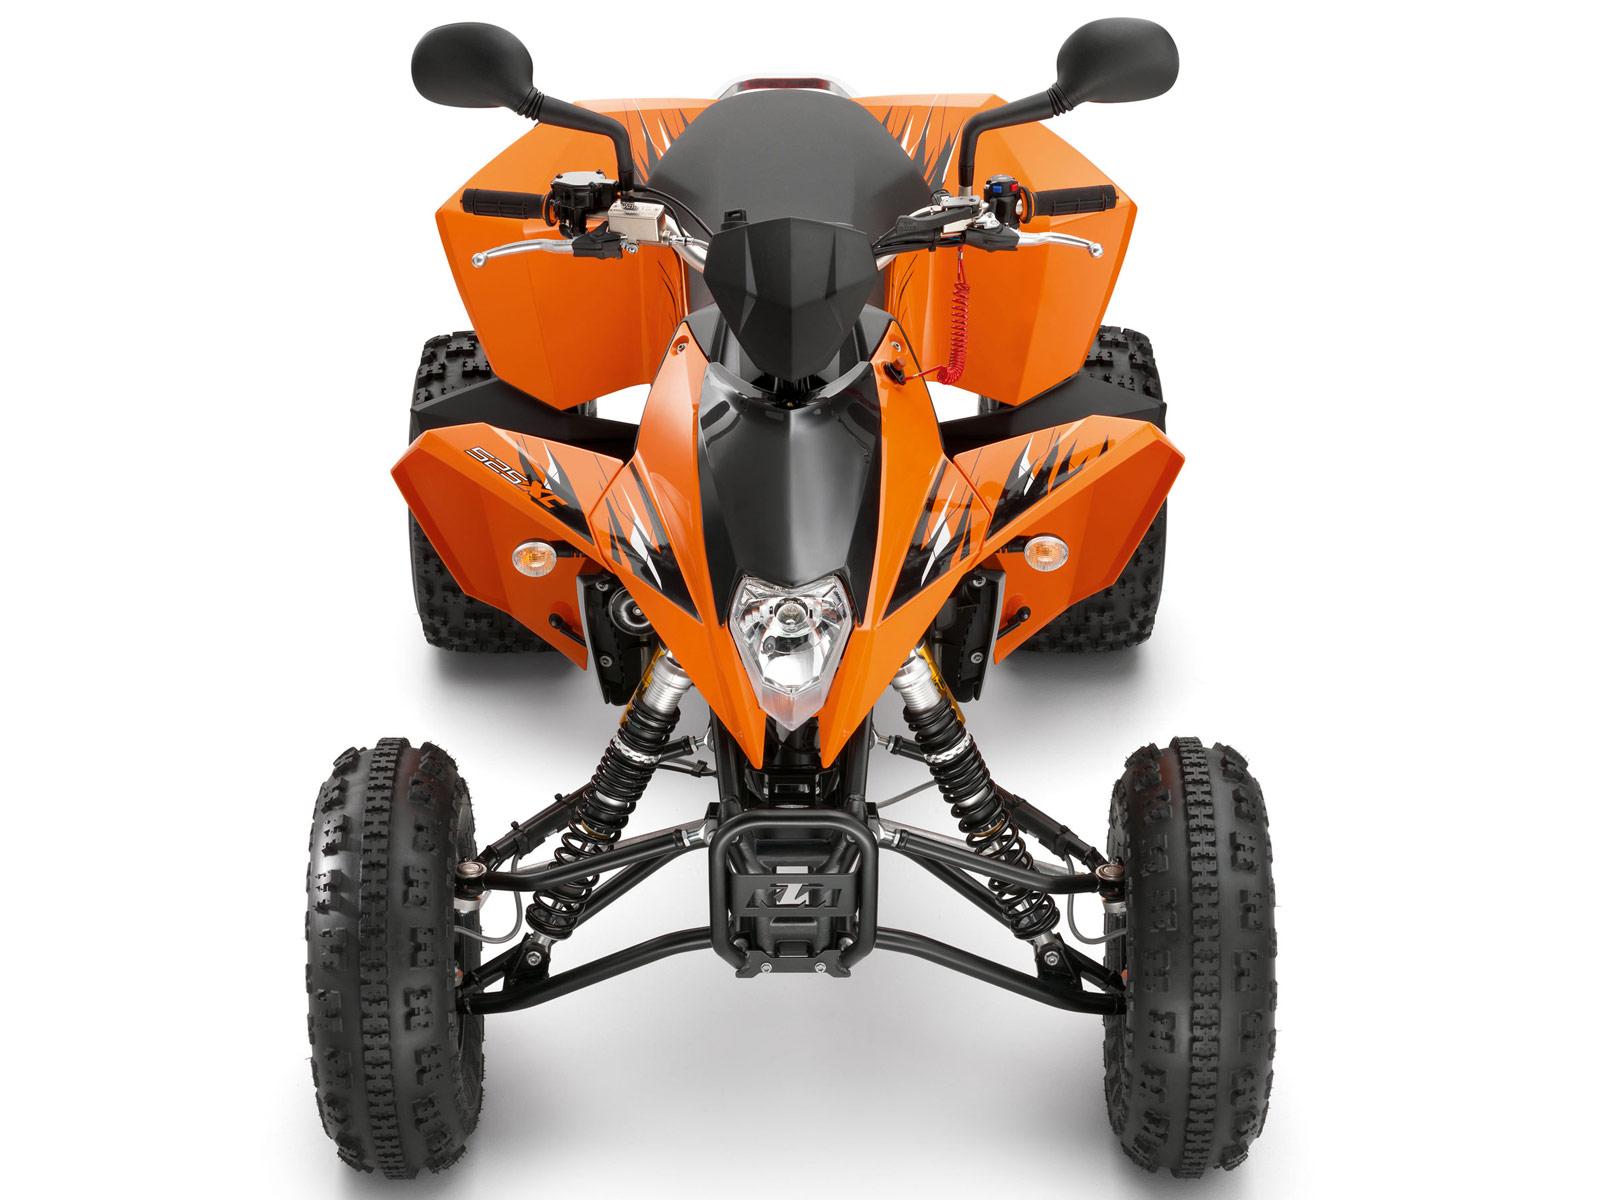 http://3.bp.blogspot.com/-TidyTcq64_A/UNBmcBZ8fNI/AAAAAAAAC-o/zazVGp-67nE/s1600/2012-KTM-525XC-ATV-pictures-3.jpg